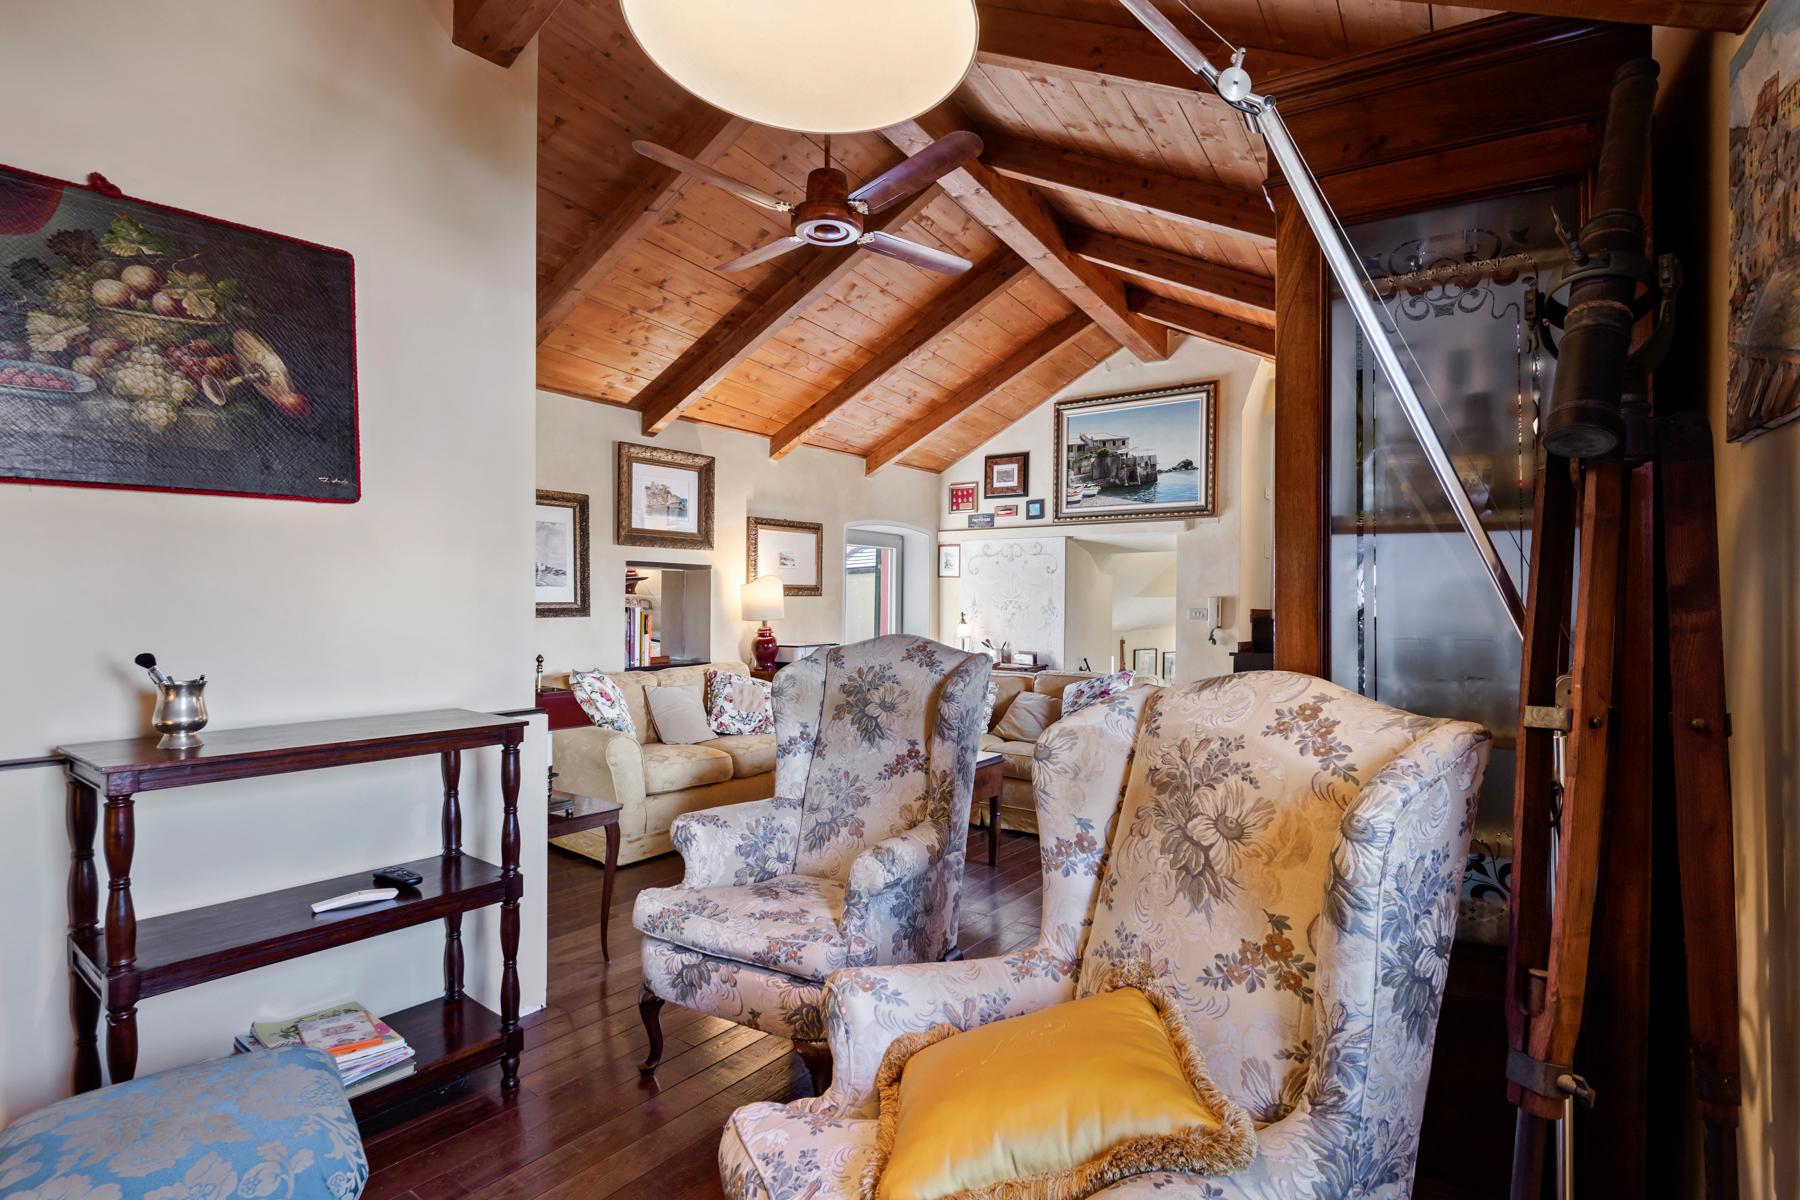 Casa indipendente in Vendita a Genova: 5 locali, 150 mq - Foto 18